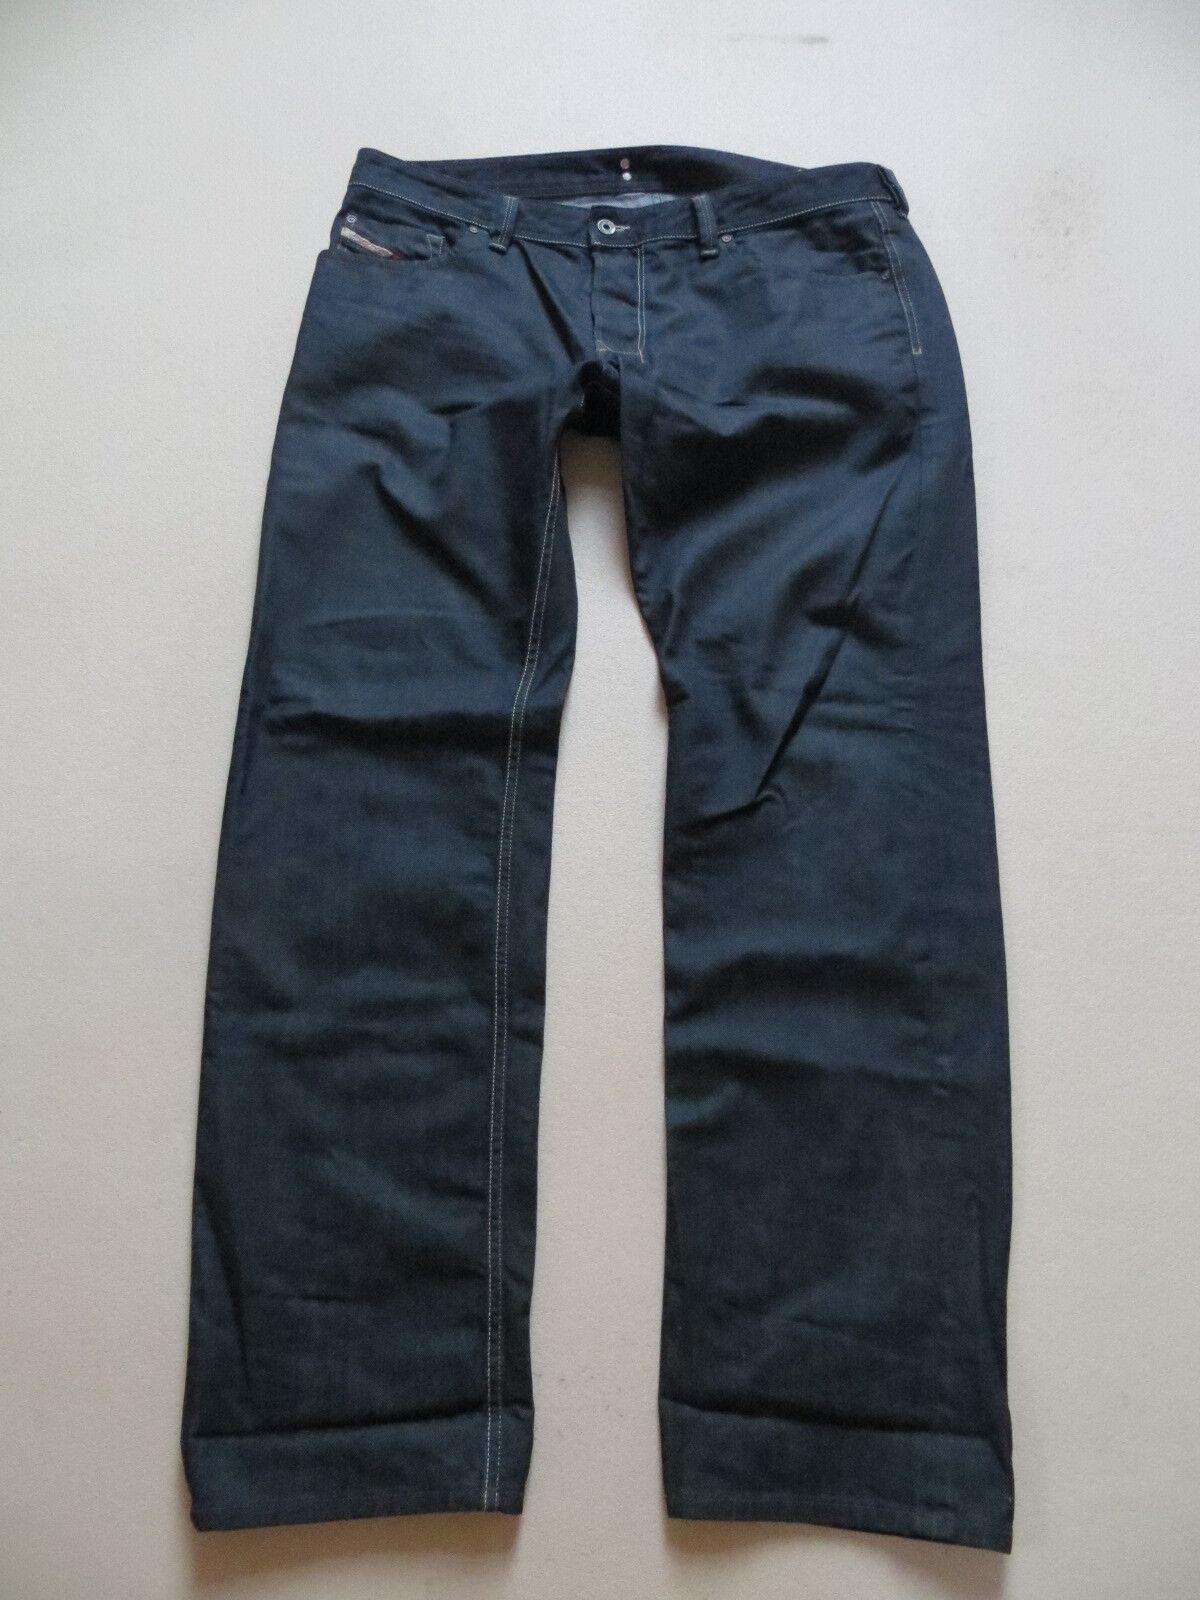 DIESEL Jeans Hose wash 0088Z LARKEE W 38  L 34, dark Indigo Denim, KULT Modell